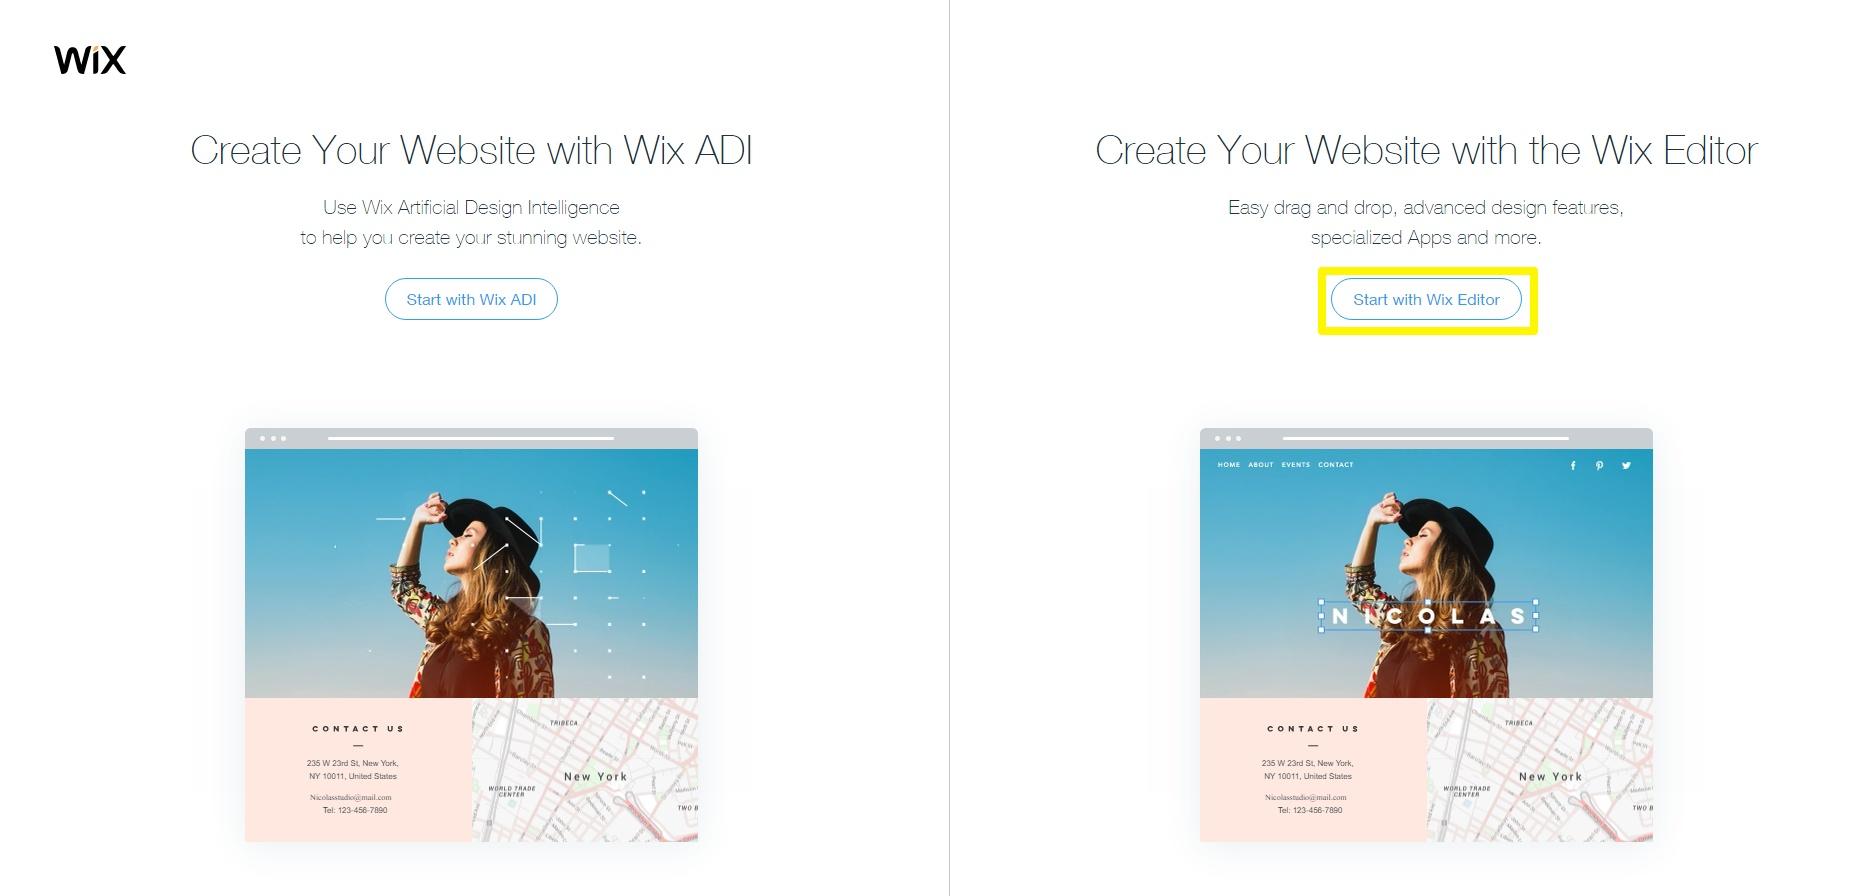 wix ADi and wix editor